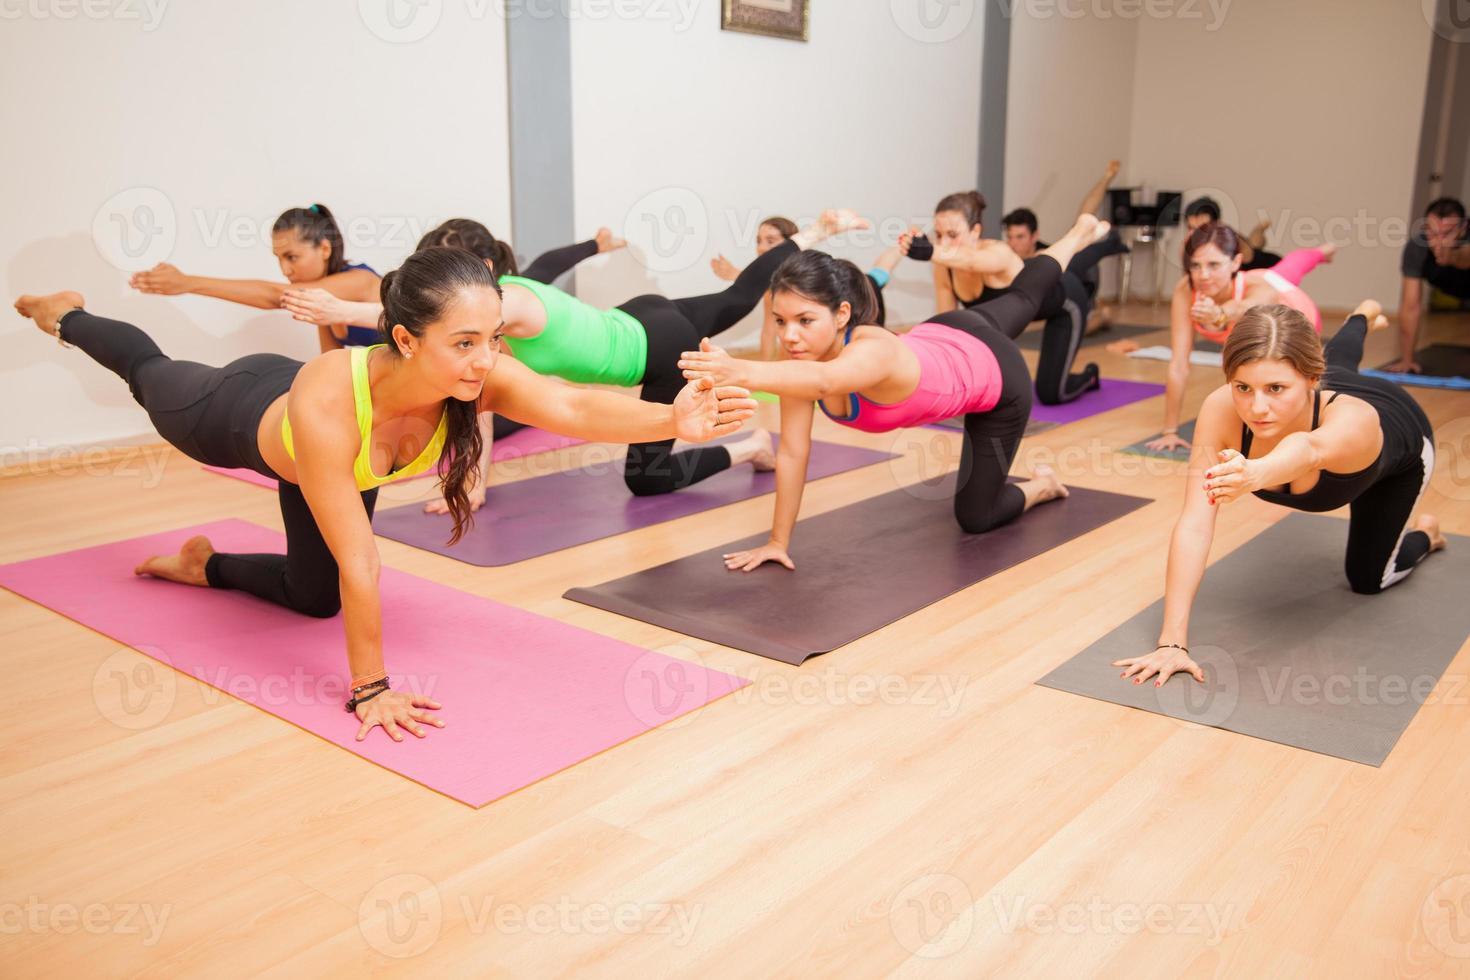 grupp människor i en yogaklass foto